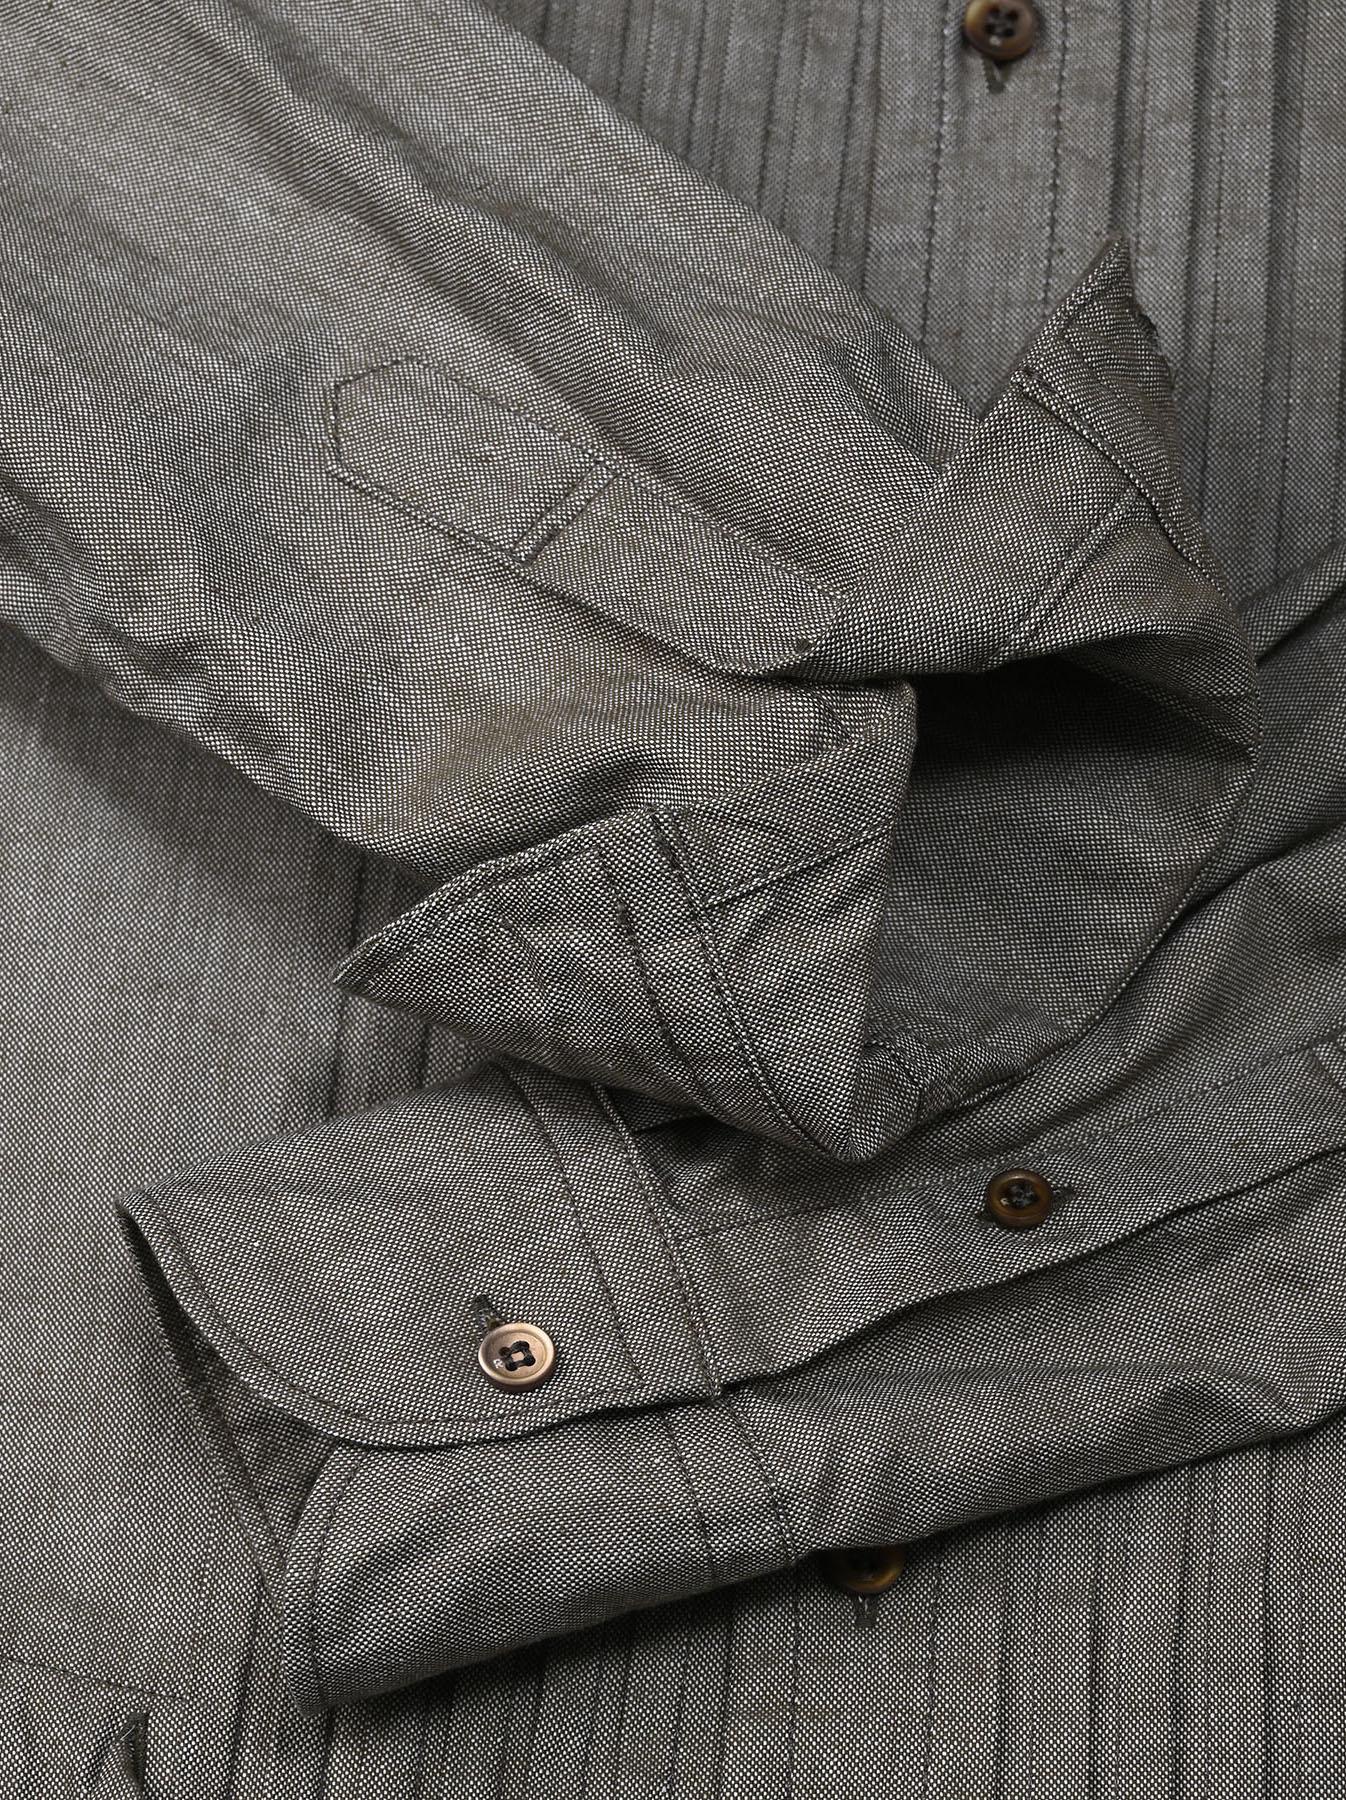 Zimbabwe Cotton Oxford Tuck Shirt Dress (0521)-11